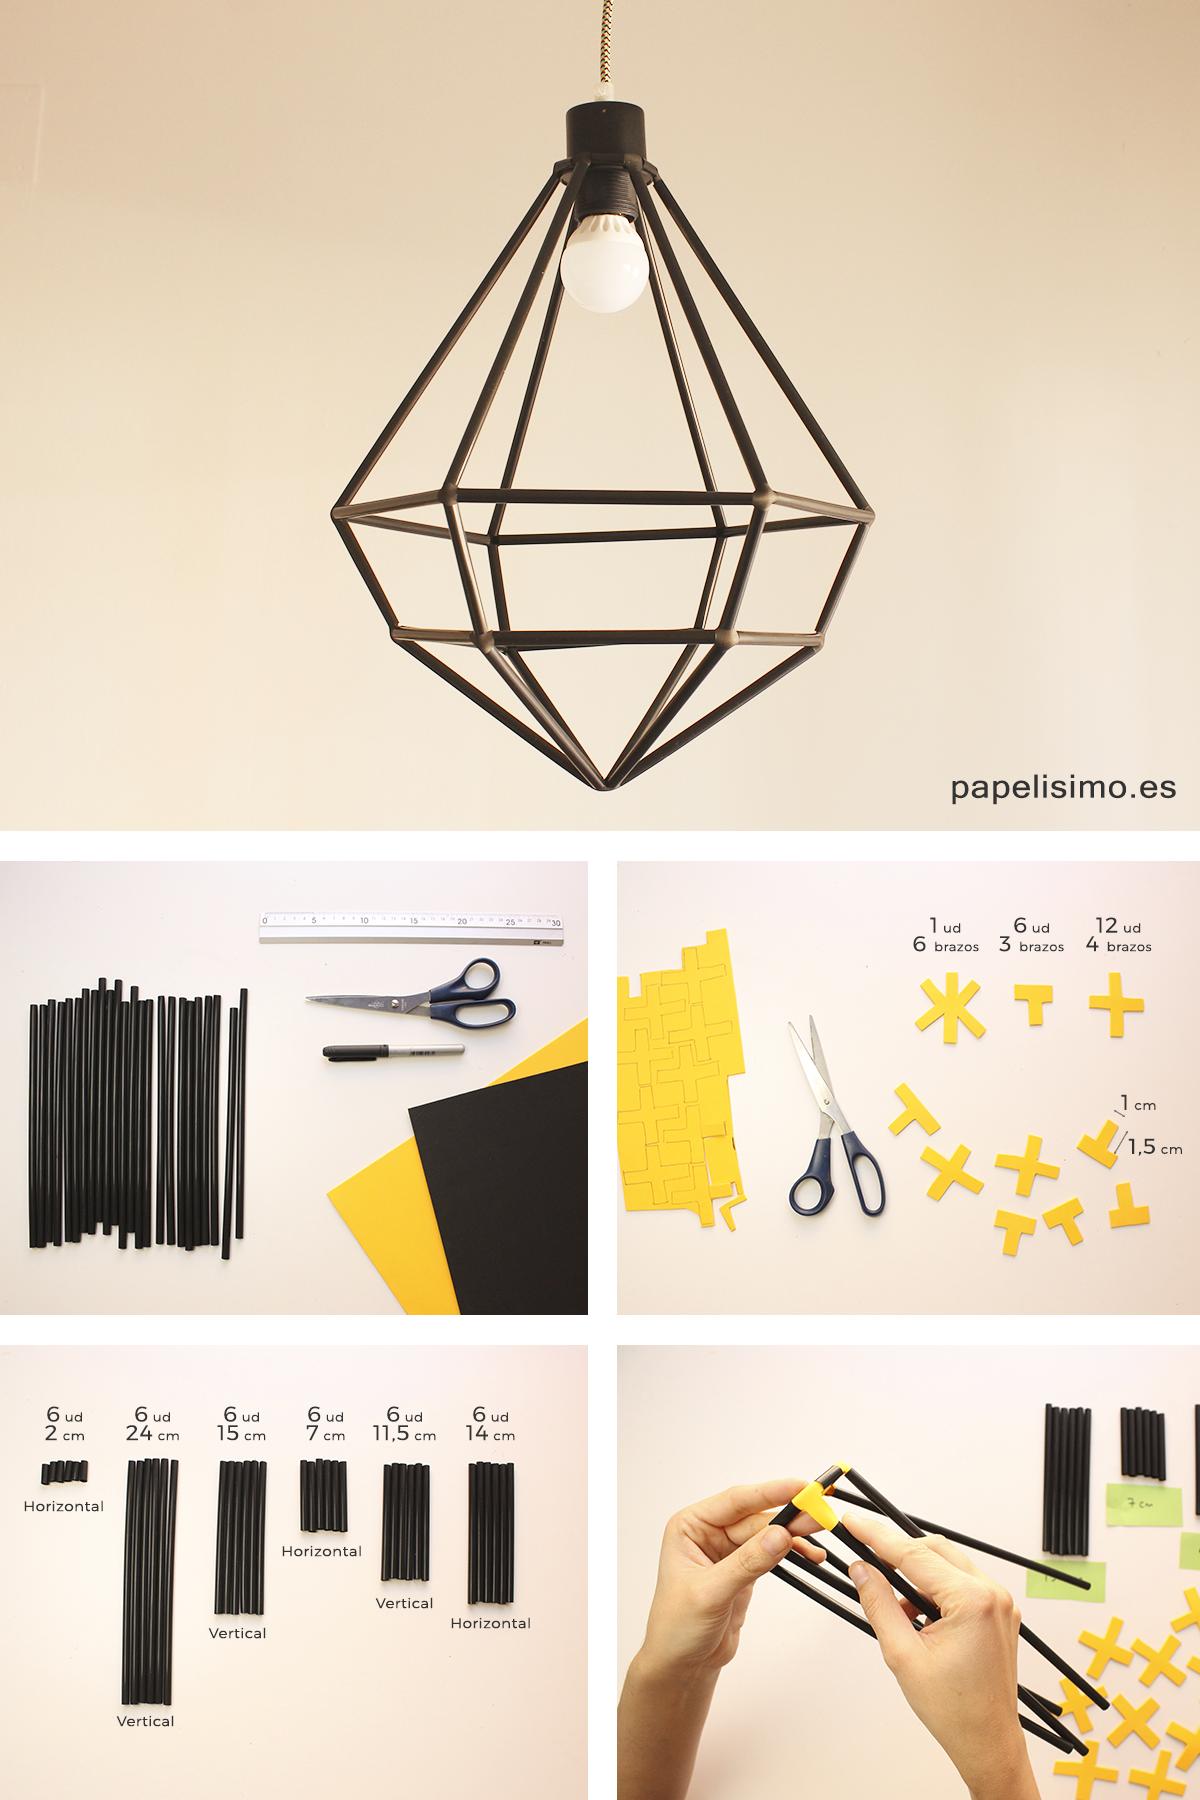 Lampara con pajitas diy straws lamp paso a paso | Papelisimo ... for Diy Geometric Lamp  14lpgtk